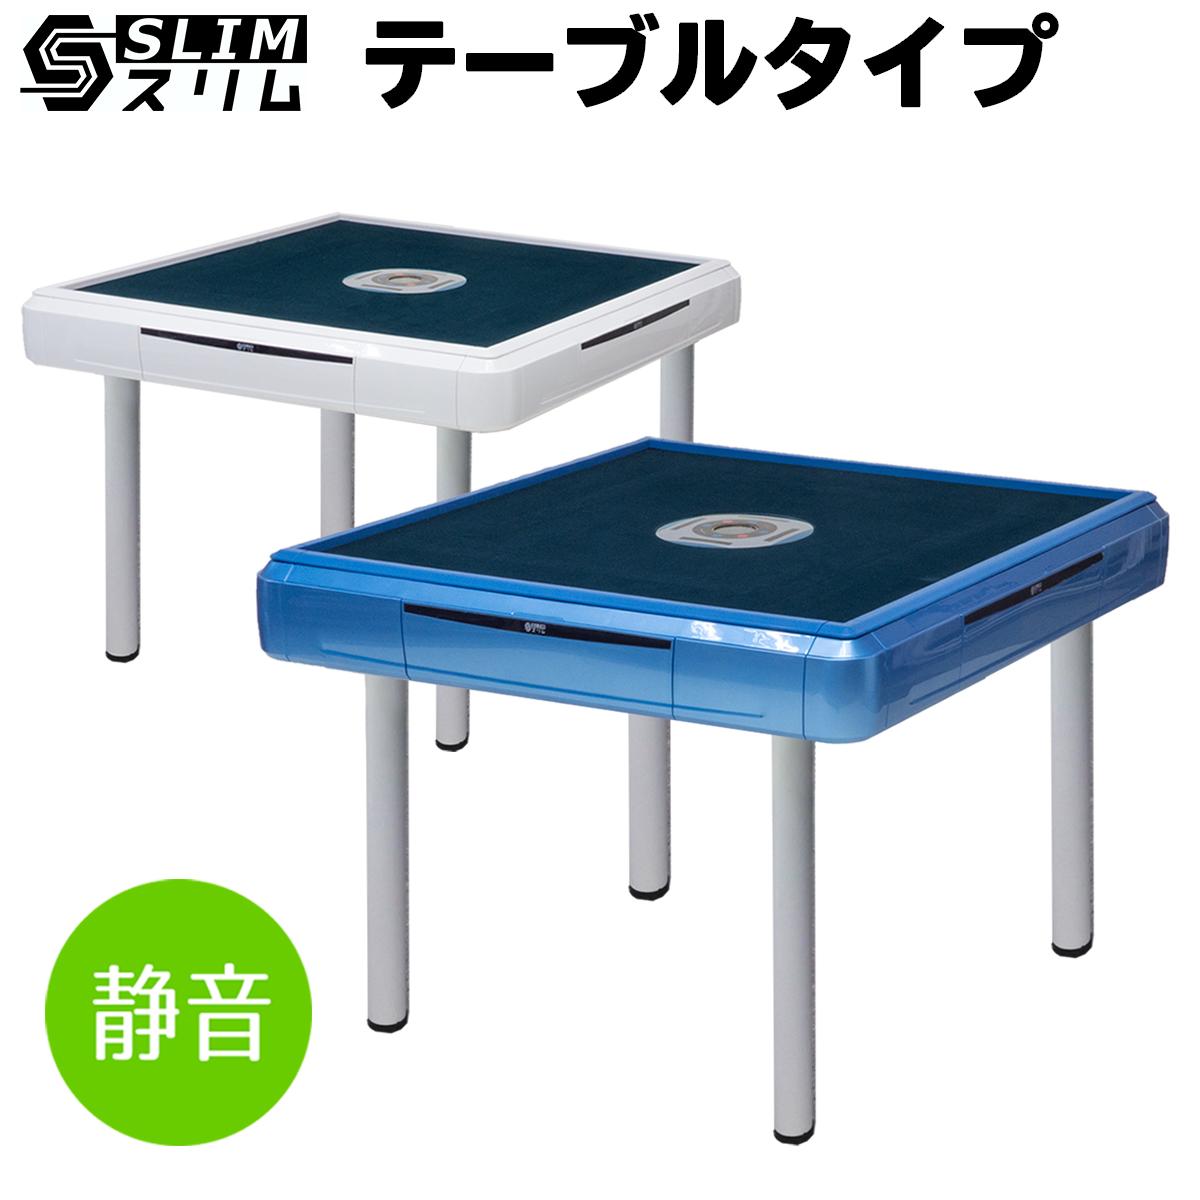 全自動麻雀卓 スリム テーブル 【静音 軽量】